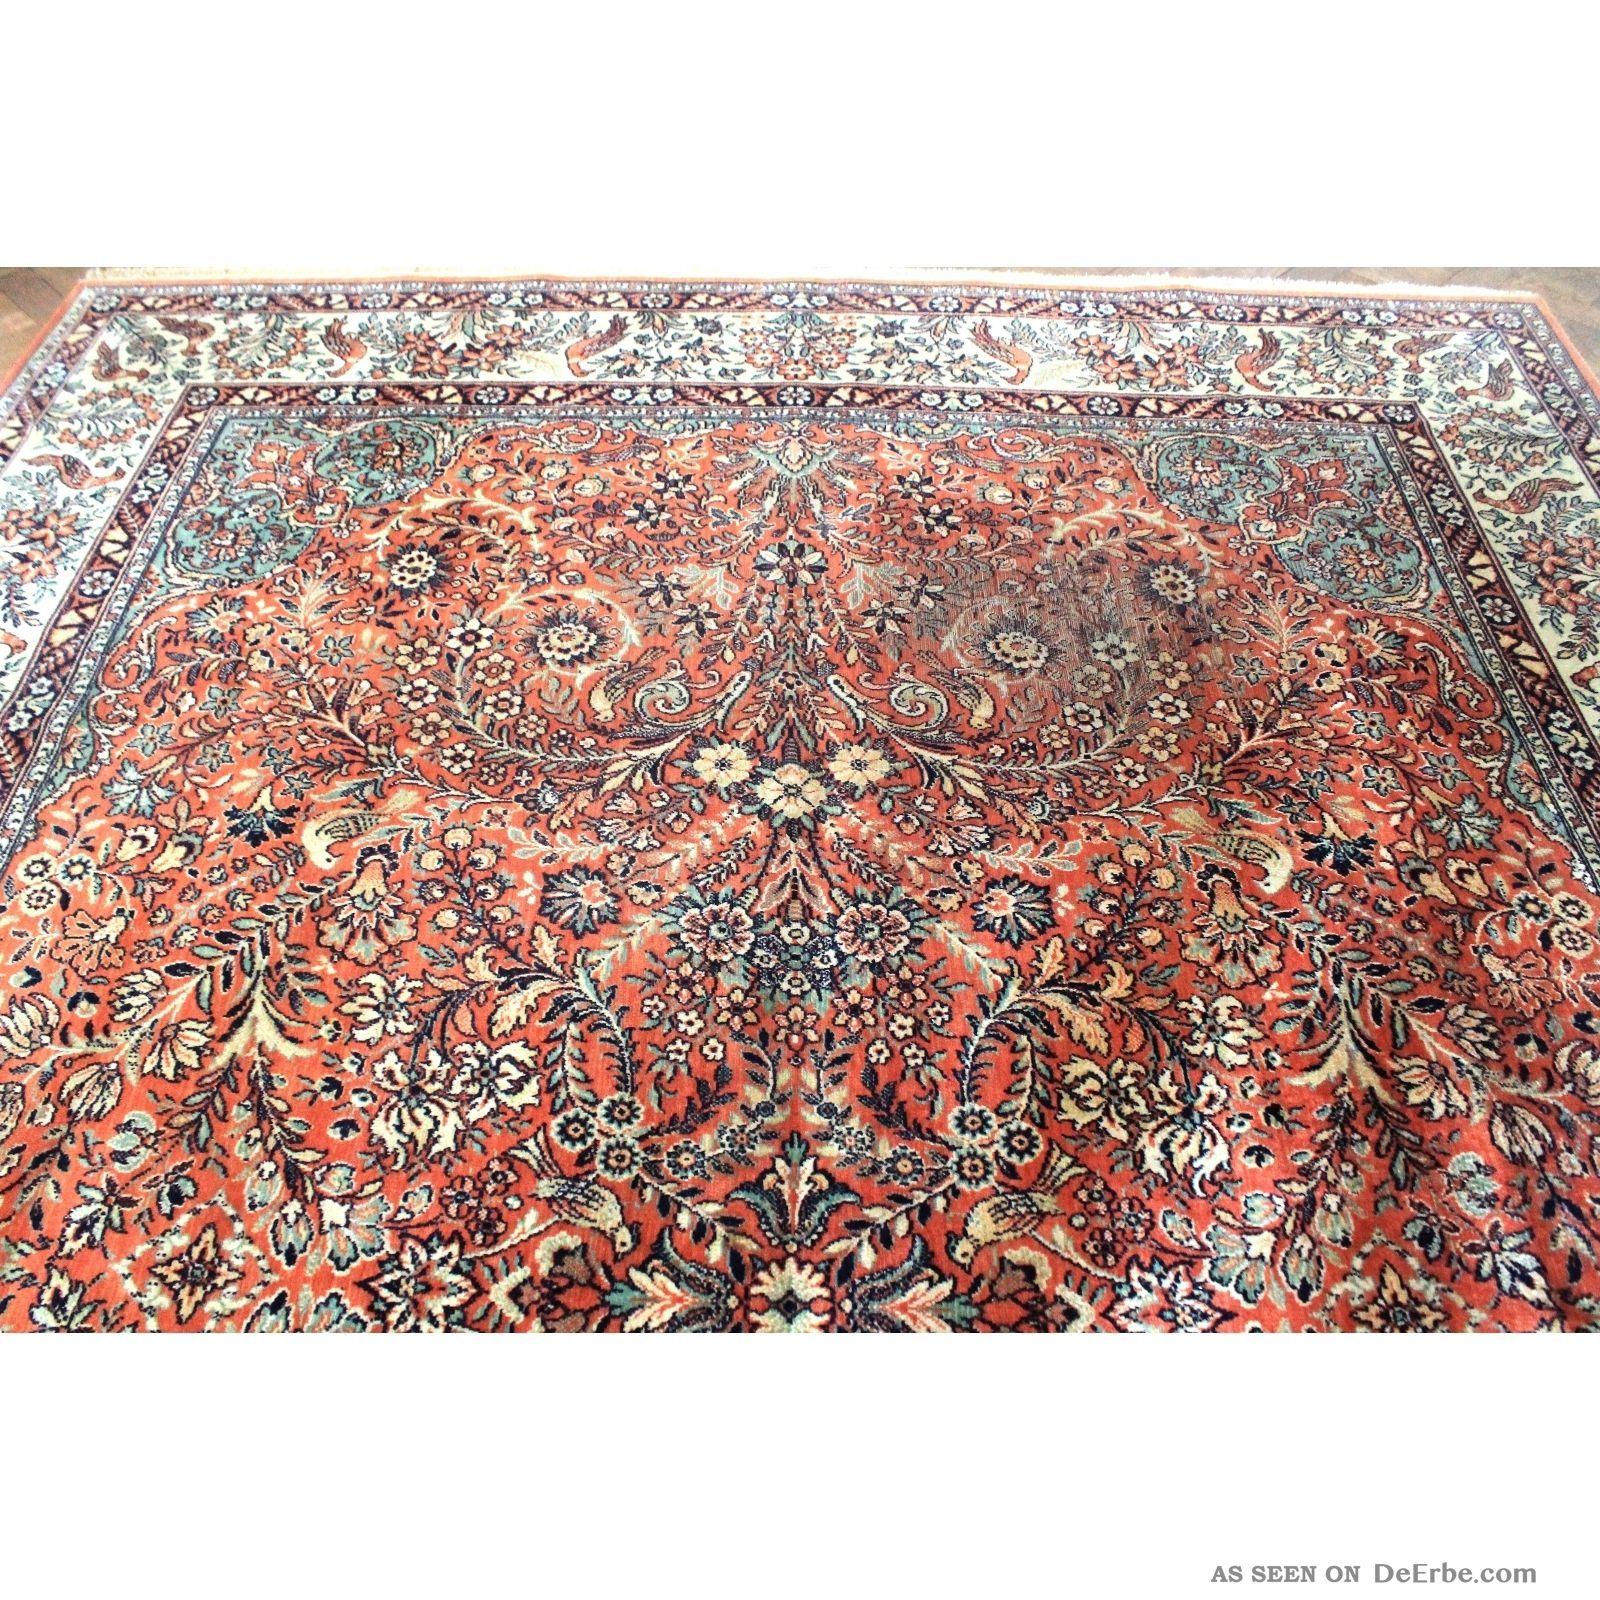 gewebter palast orient teppich blumen v gel kum nain tappeto carpet 400x300cm. Black Bedroom Furniture Sets. Home Design Ideas